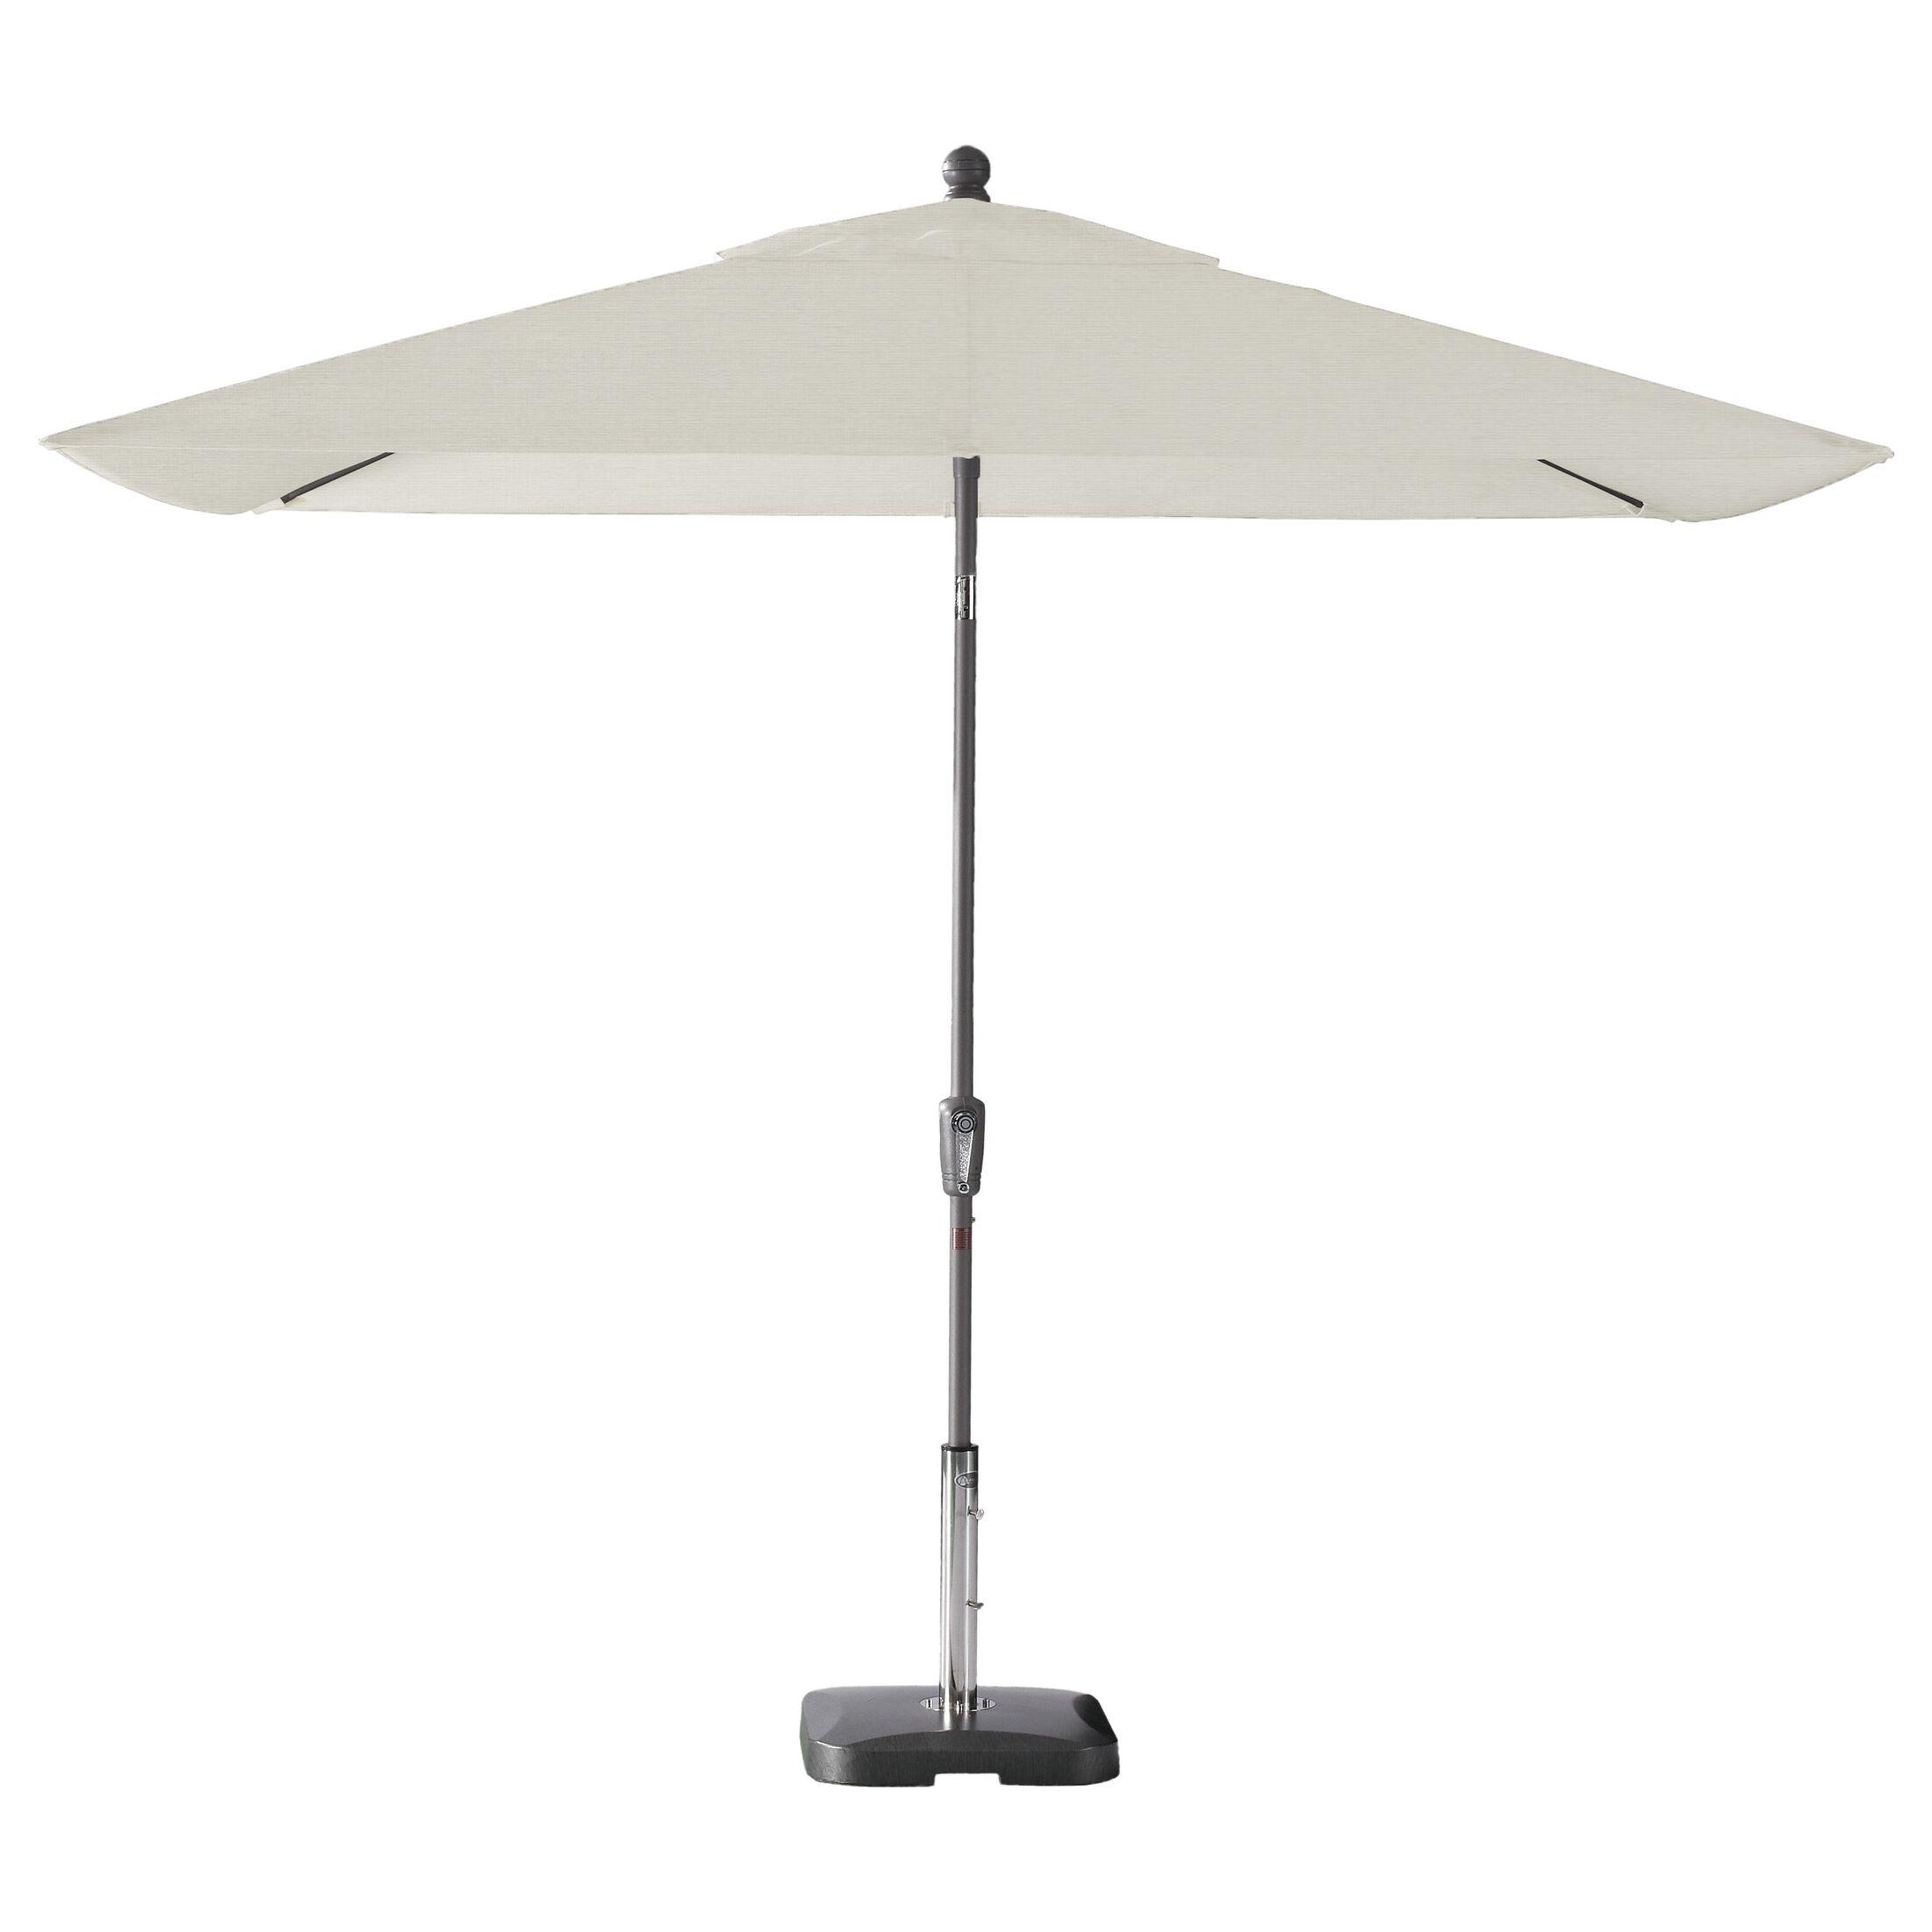 Wiechmann Push Tilt 9' x 7' Rectangular Market Umbrella Frame Color: Starring Gray